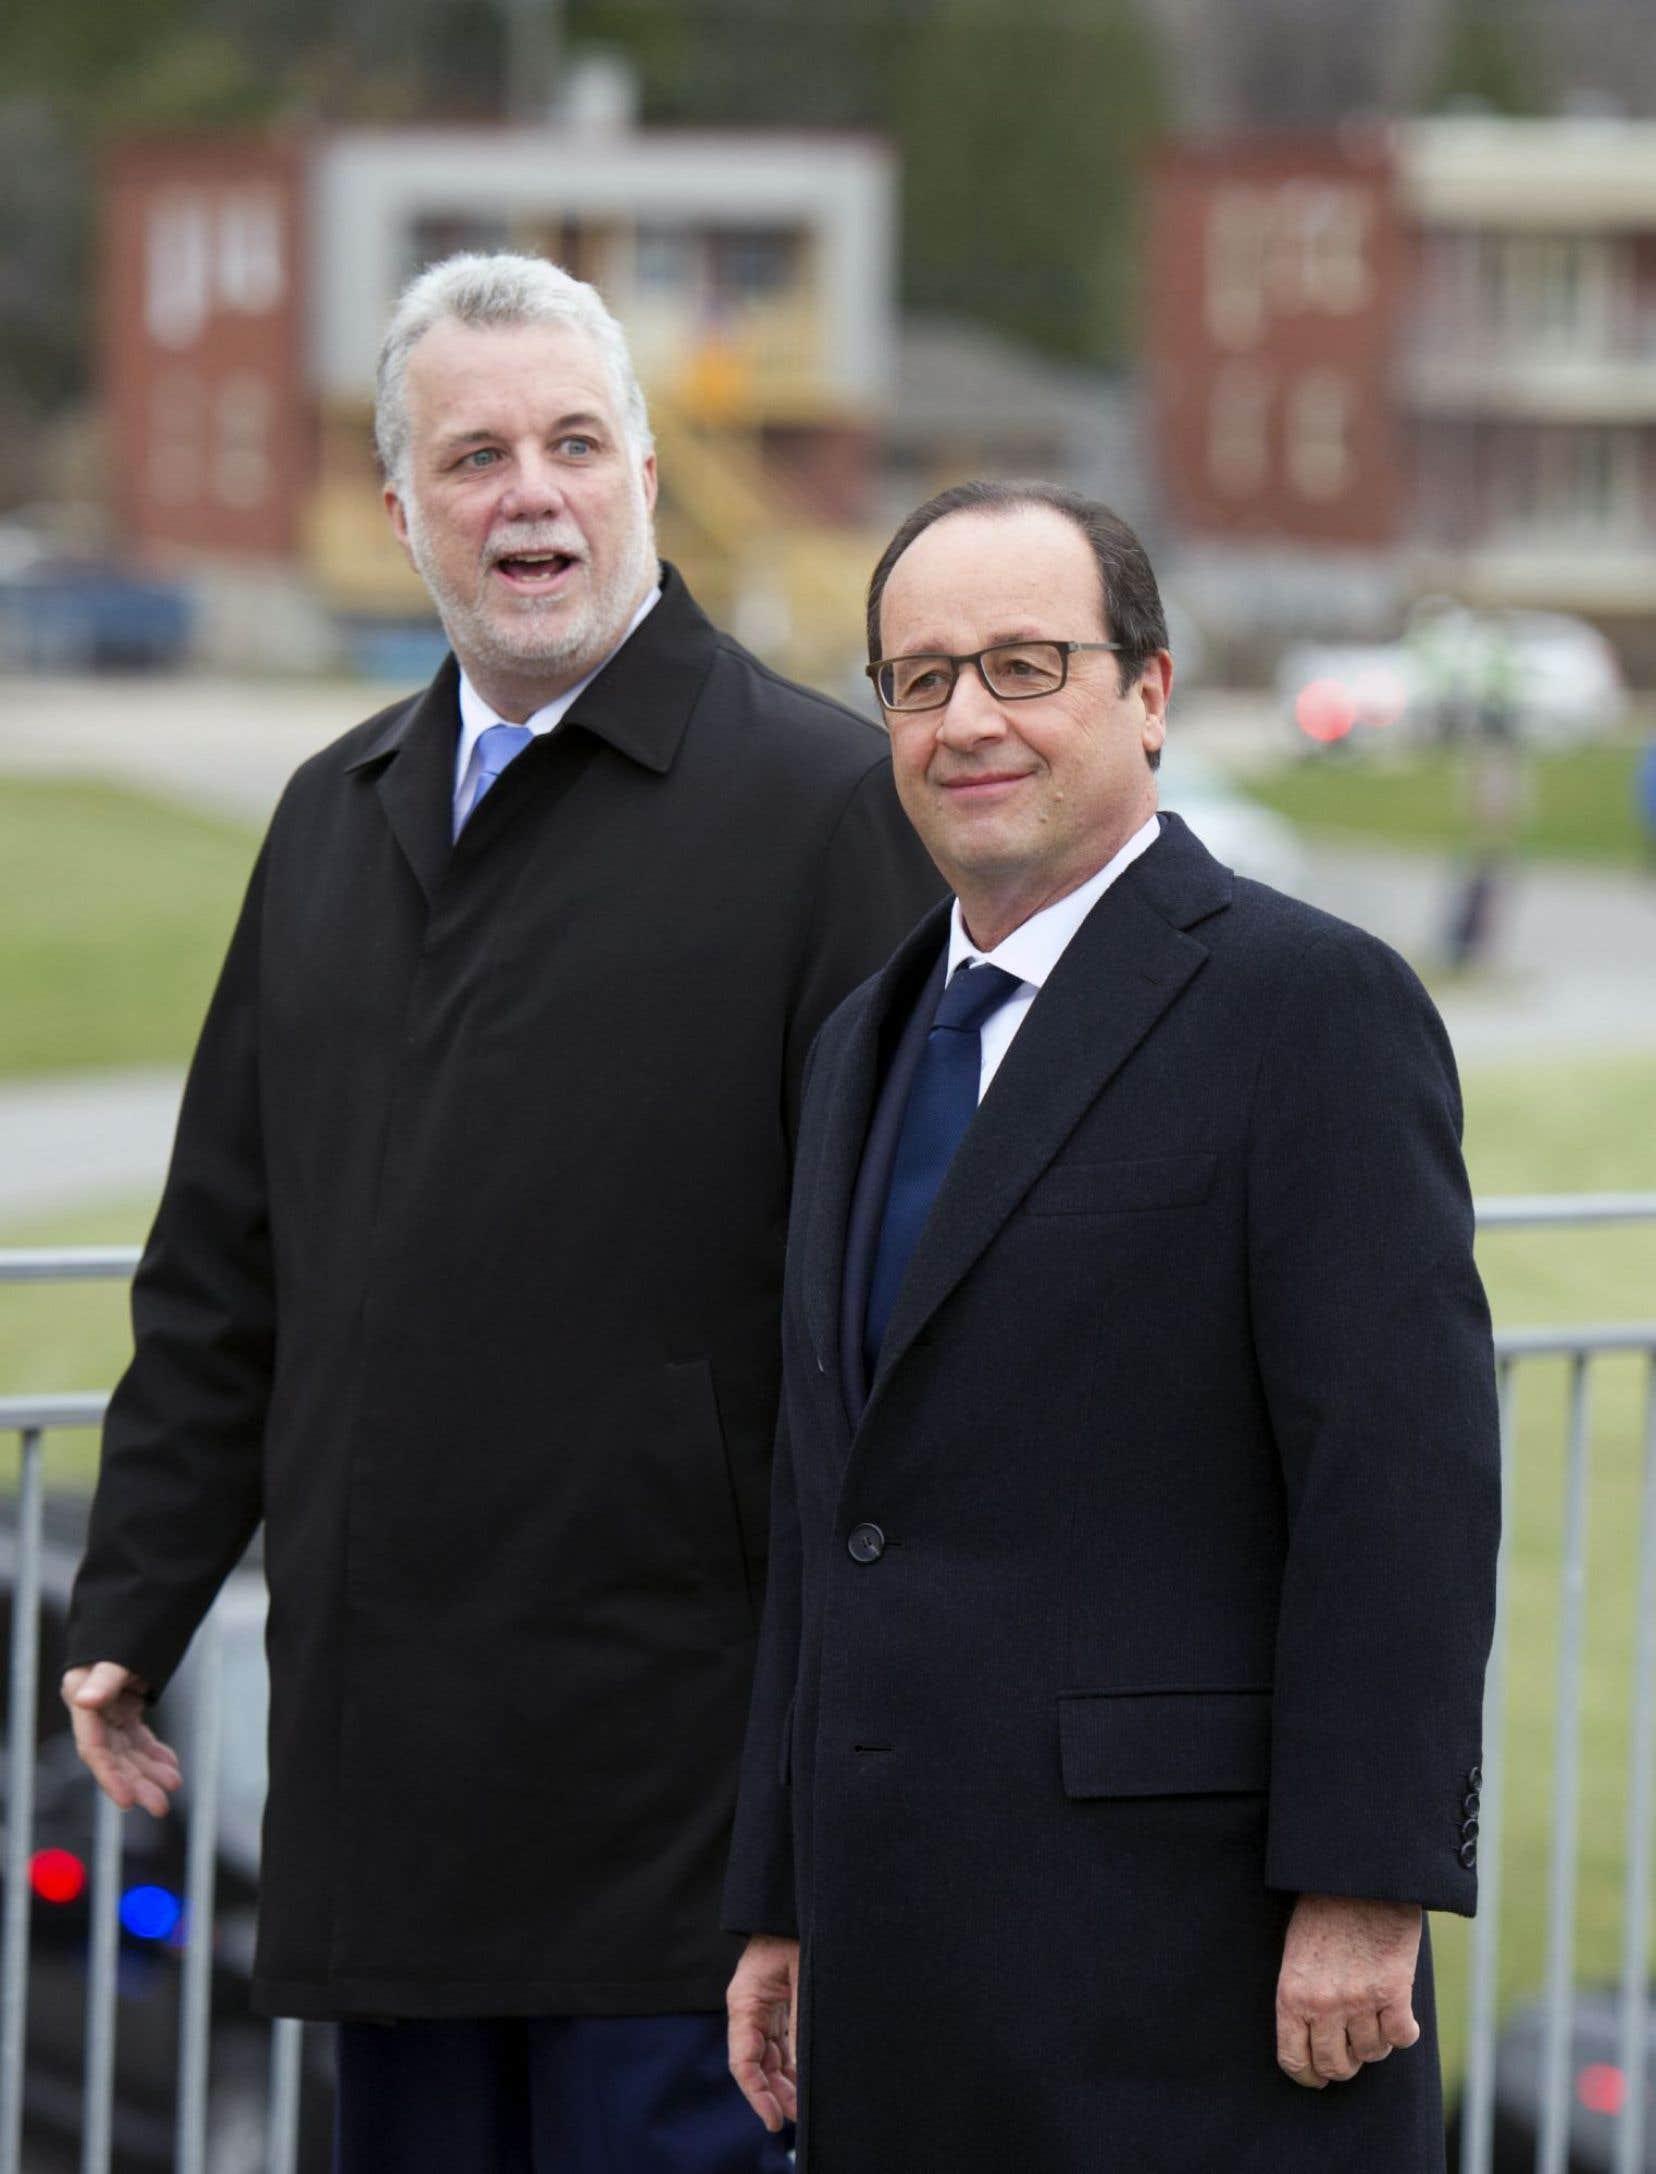 Philippe Couillard et François Hollande lors du passage de ce dernier au Québec, en novembre 2014